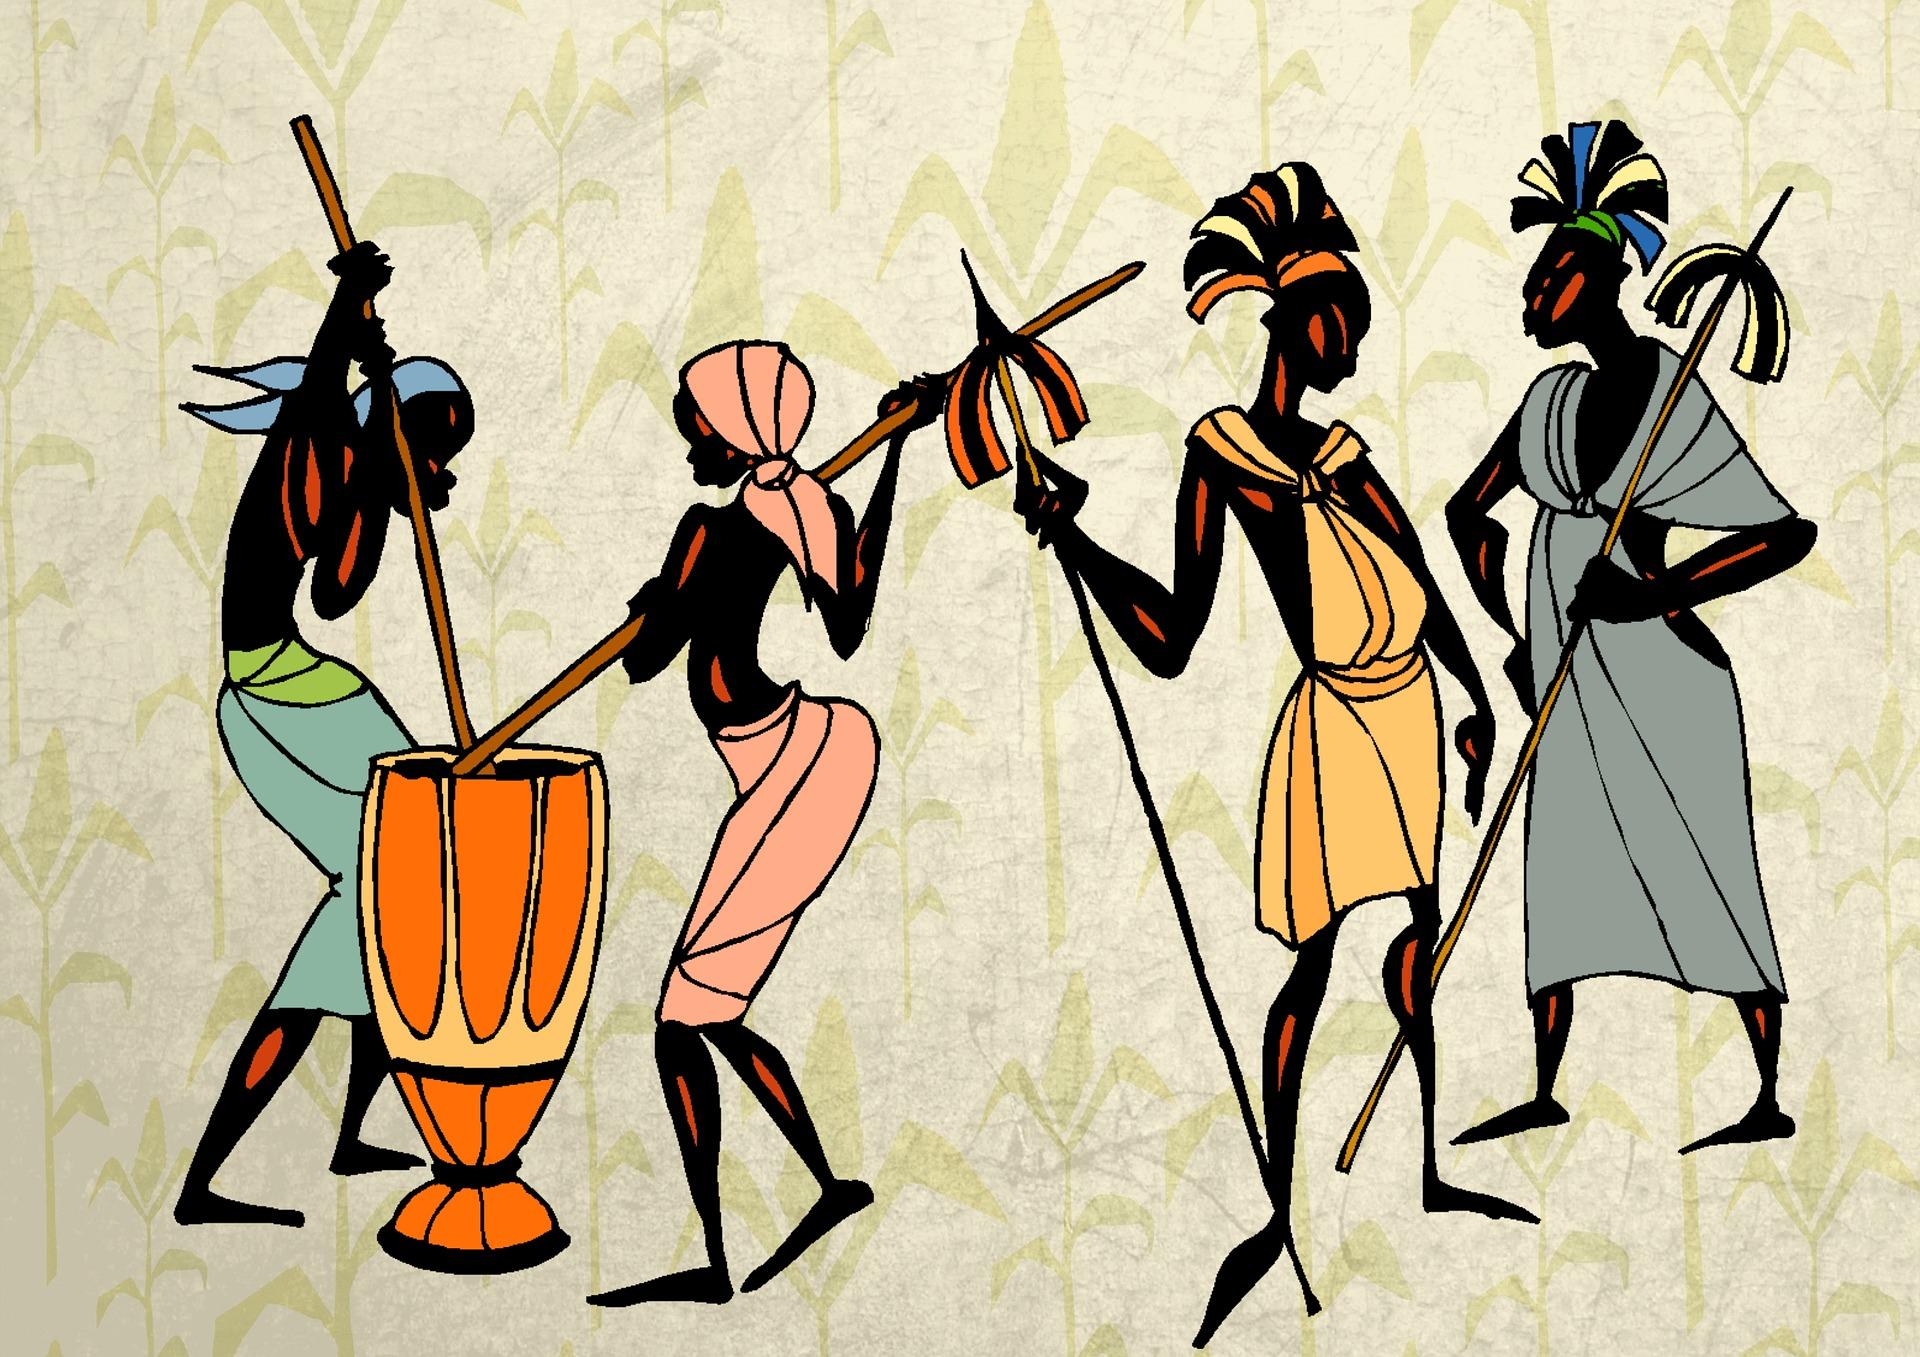 Contos africanos estão disponíveis para download: baixe aqui